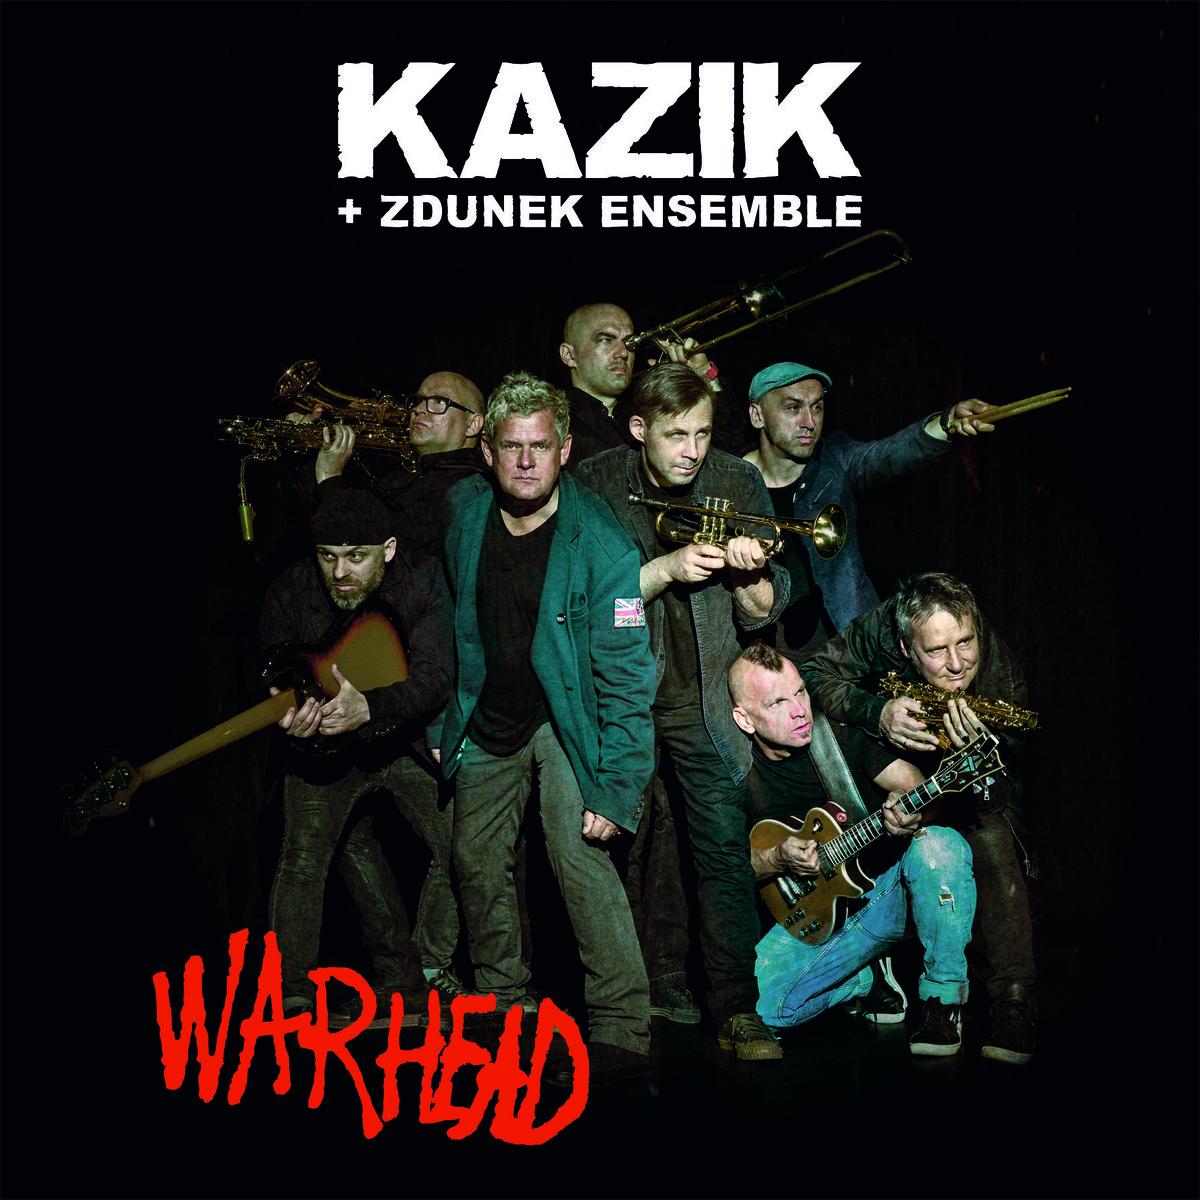 KAZIK + ZDUNEK ENSEMBLE – Warhead